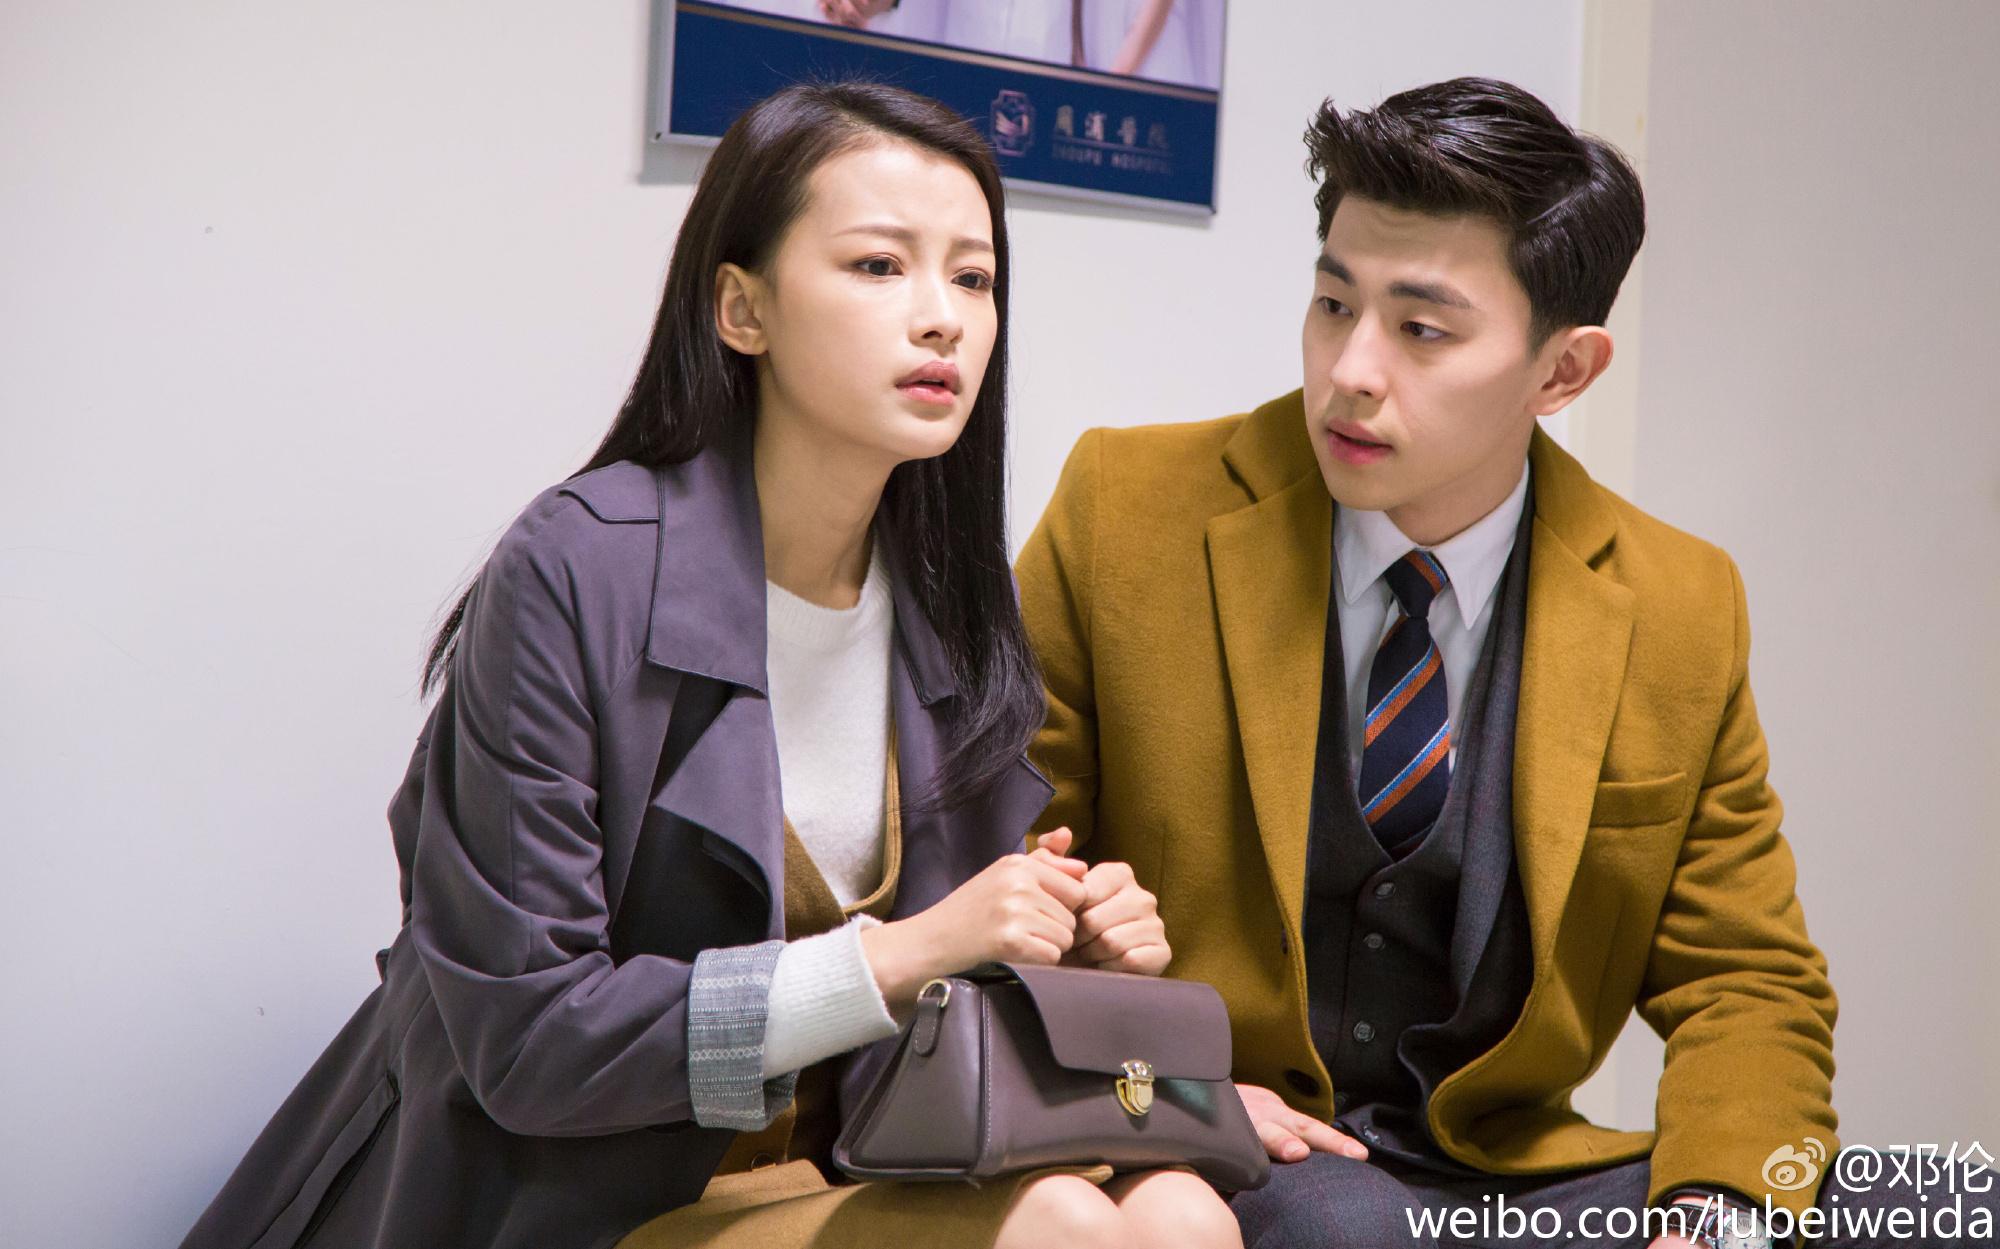 Phim học đường Trung Quốc - Mười lăm năm đợi chờ chim di trú